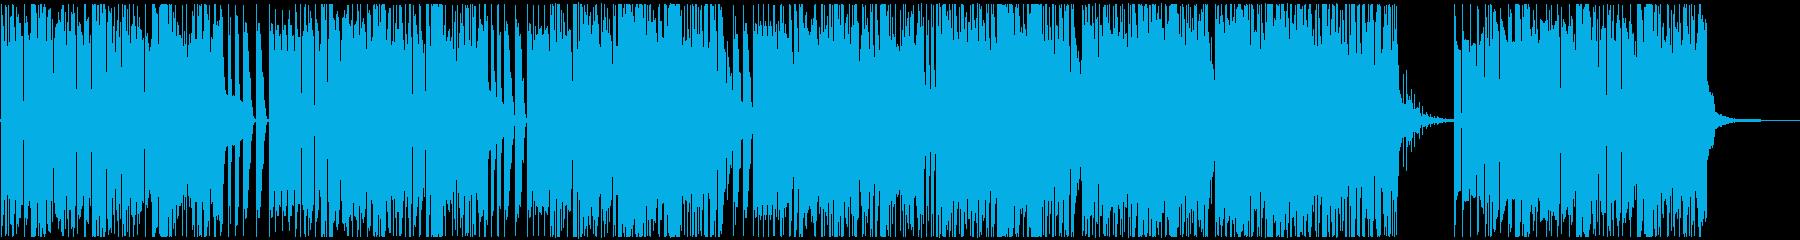 遊び心満載の段々焦る曲だけど落ち着く曲の再生済みの波形